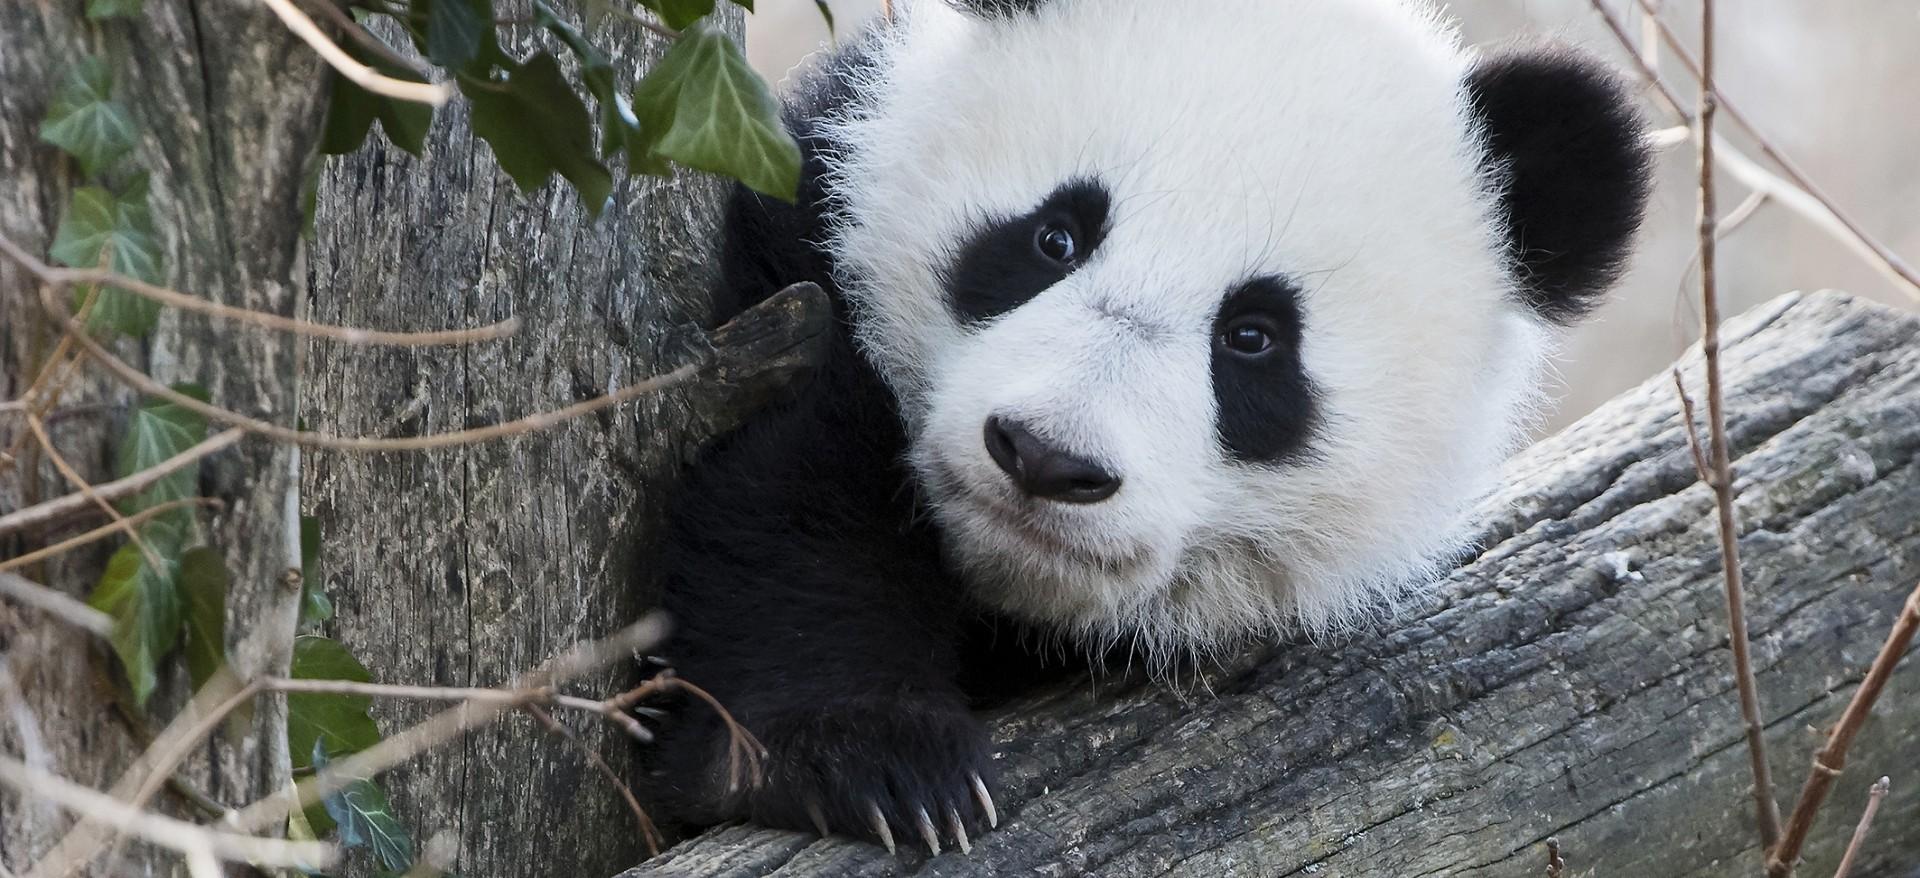 VIDEO: GRAD BEČ Blizanci pande iz zoološkog vrta prvi put na otvorenom